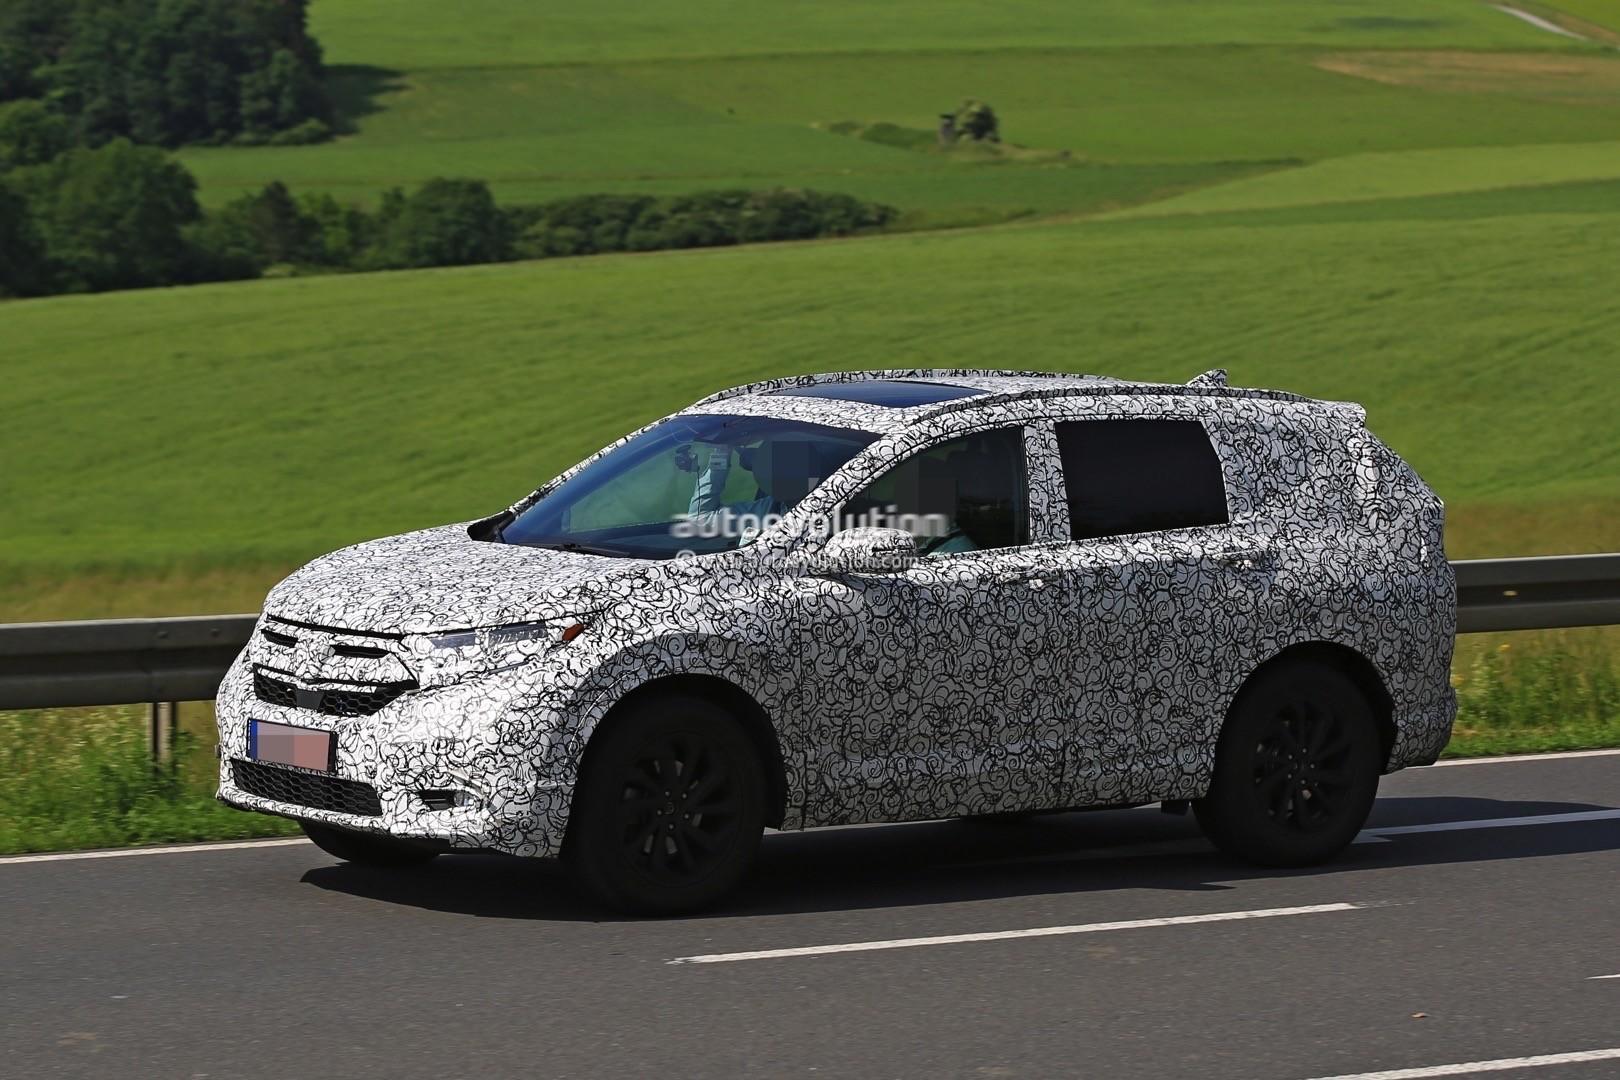 Models Honda Civic 5 Doors Honda Civic Sedan Honda Civic Coupe | 2017 ...